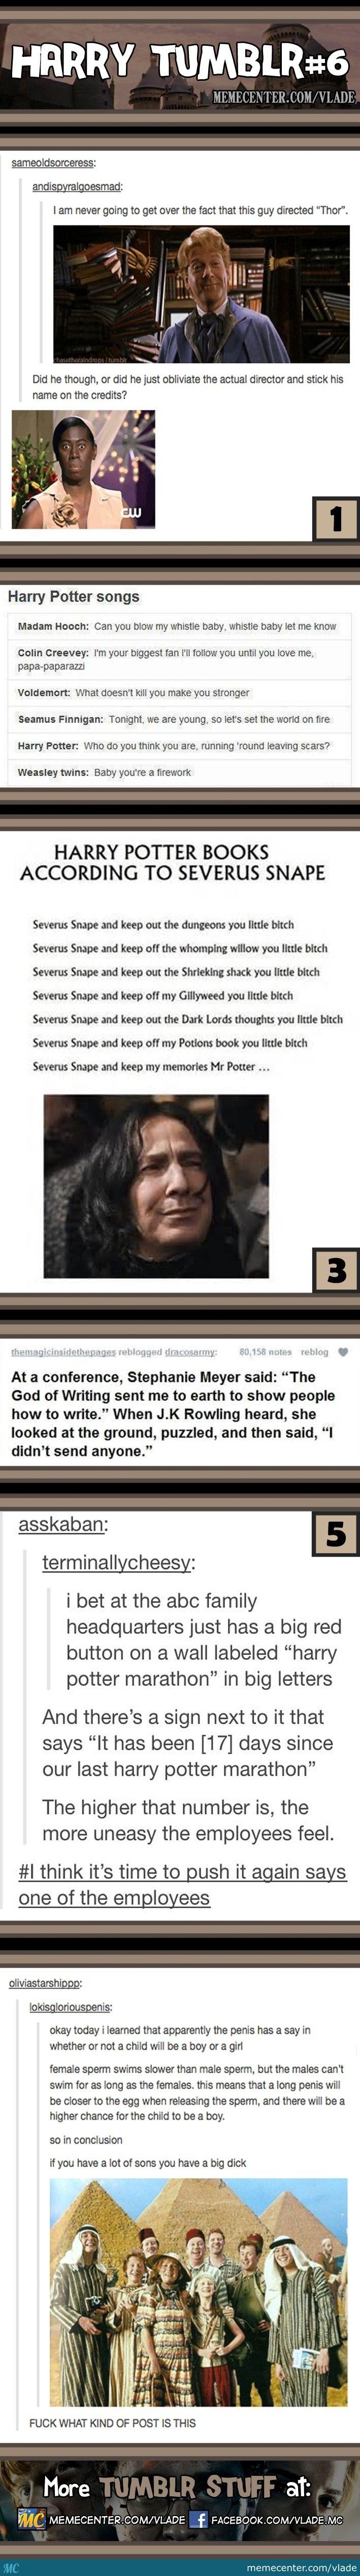 Harry Potter tumblr 6